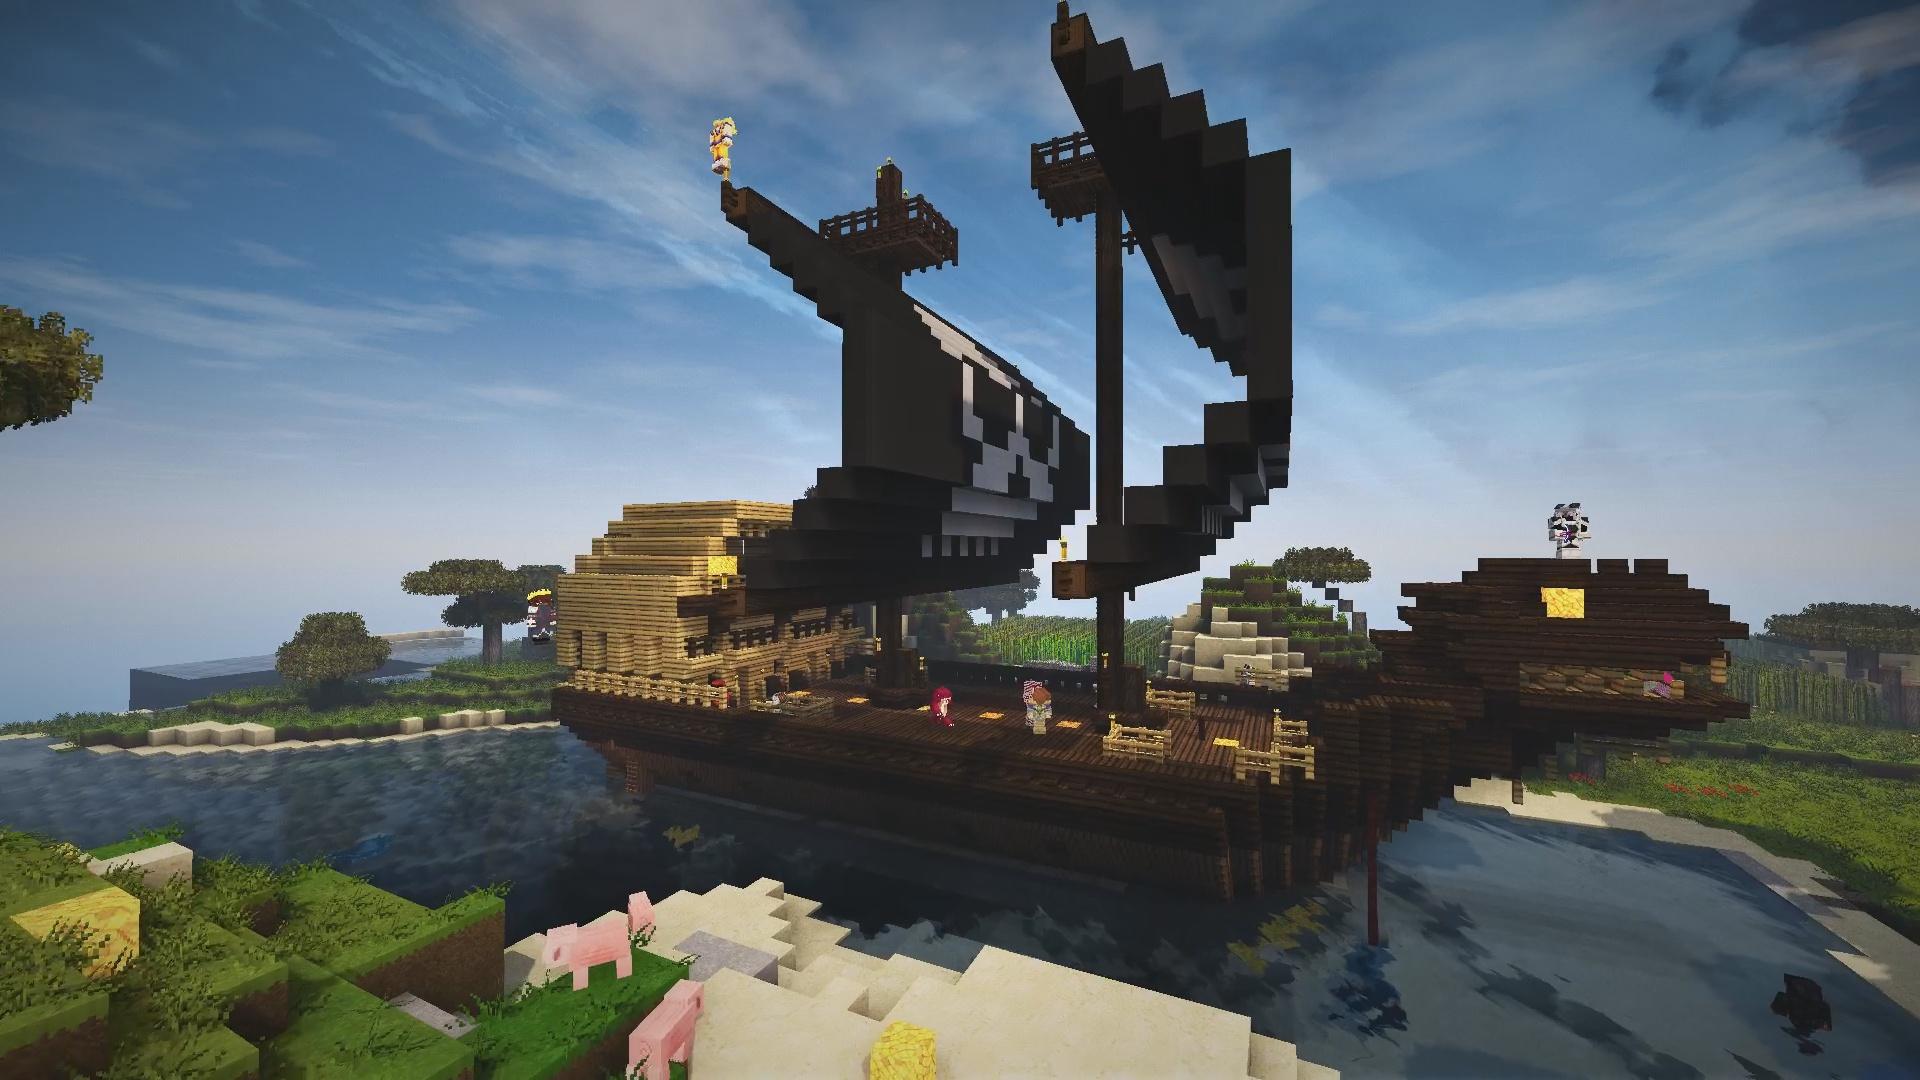 Et on continue avec un bateau pirate proposé par Hts_Red !